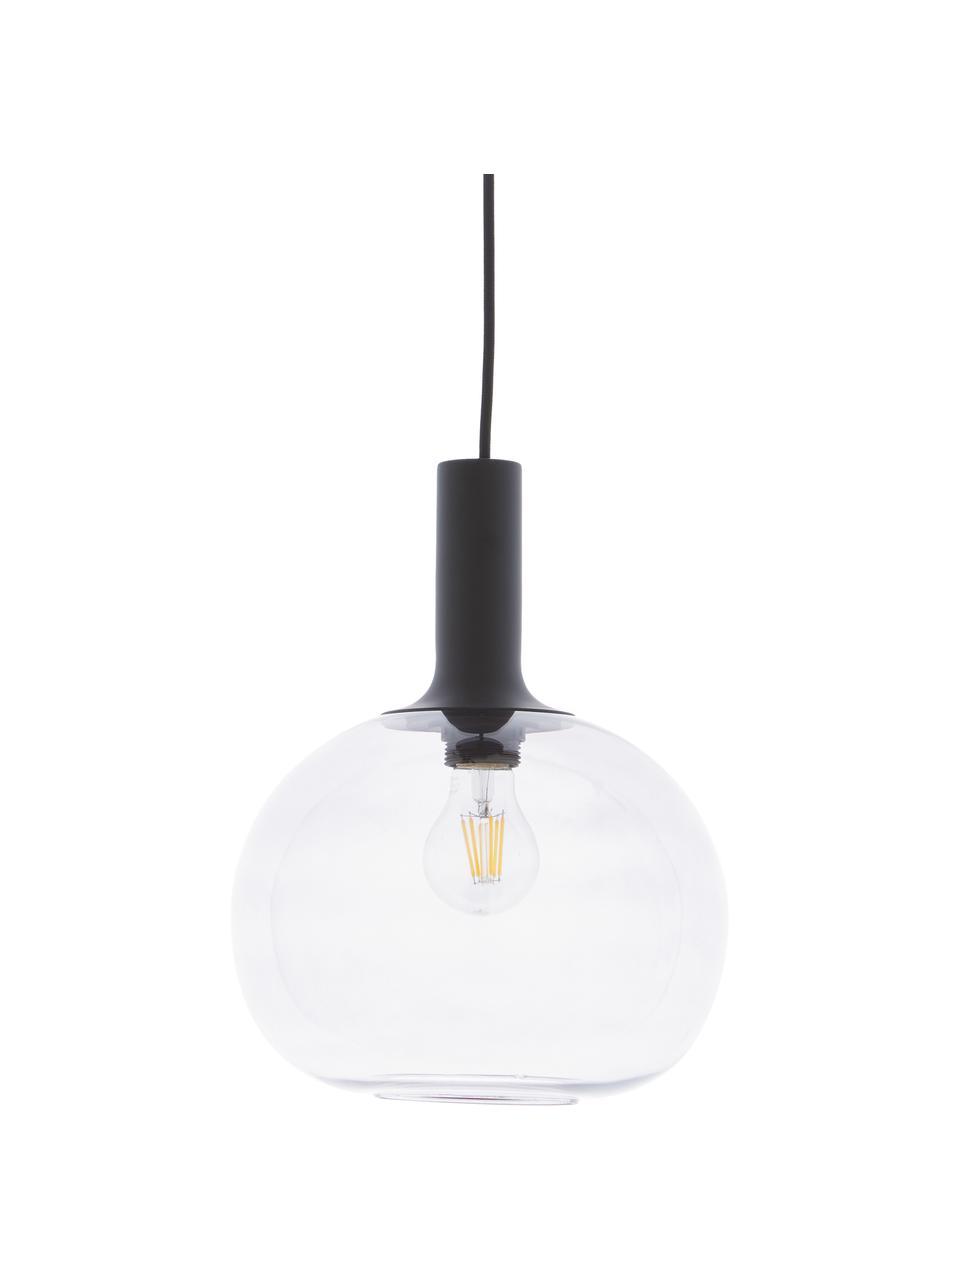 Lampa wisząca ze szkła dymionego Alton, Czarny, szary, transparentny, Ø 25 x W 33 cm